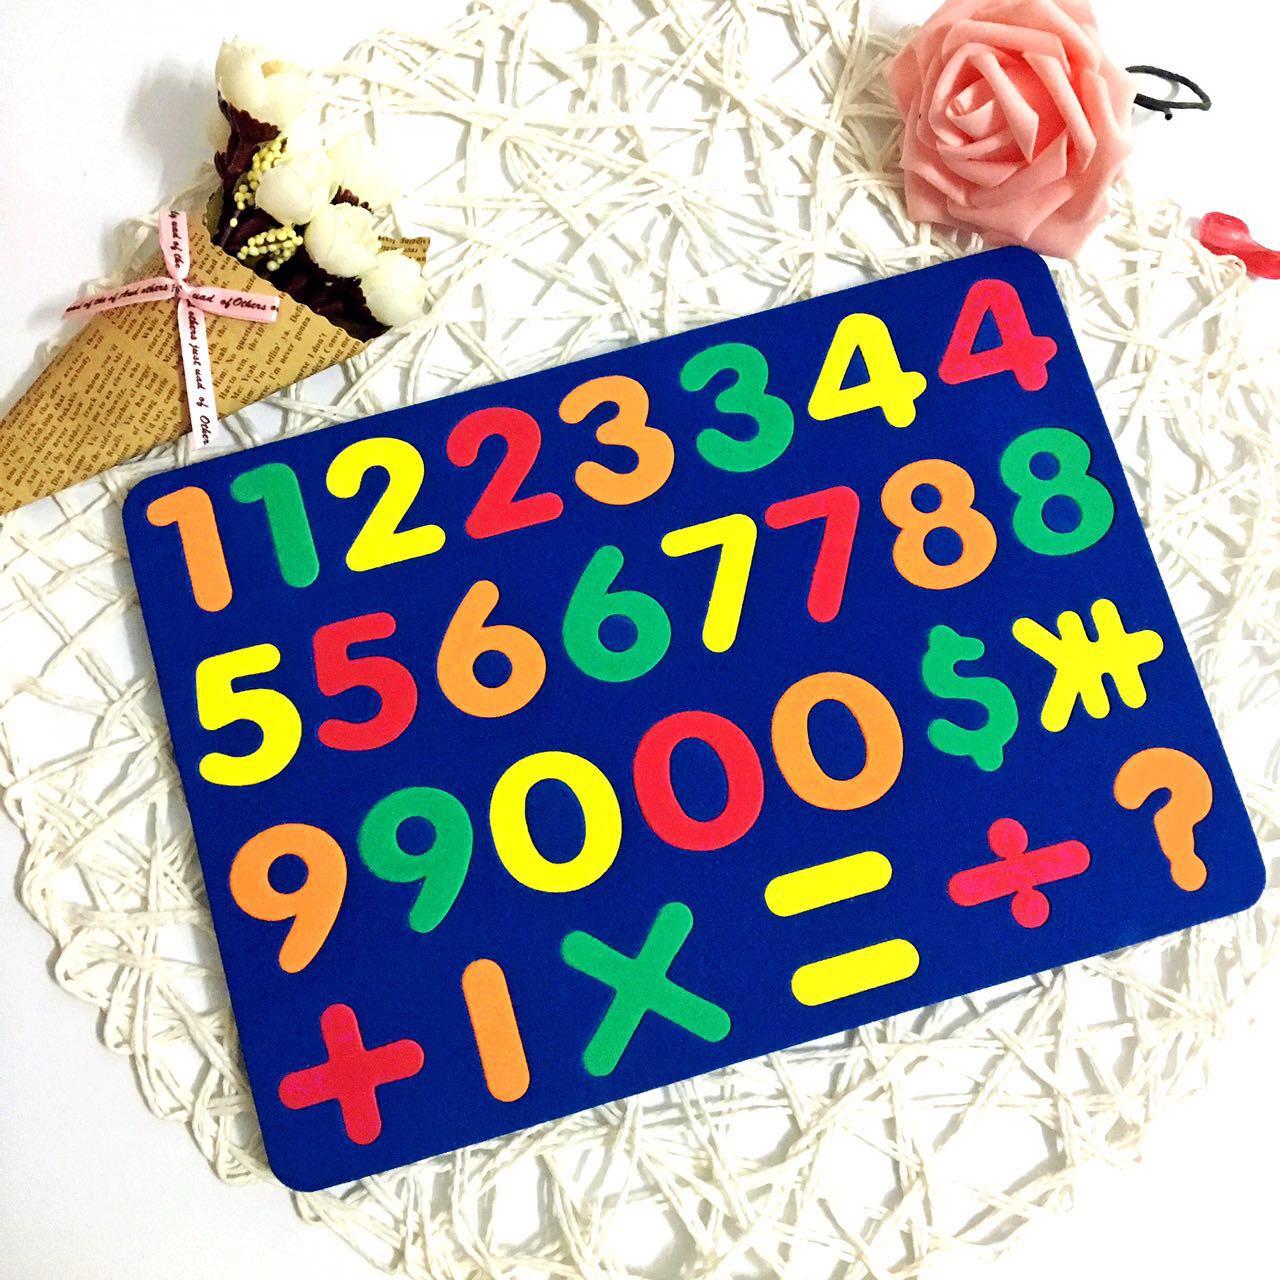 磁性字母贴 小写英文字母 磁性拼拼板 英文学习磁片 EVA字母贴